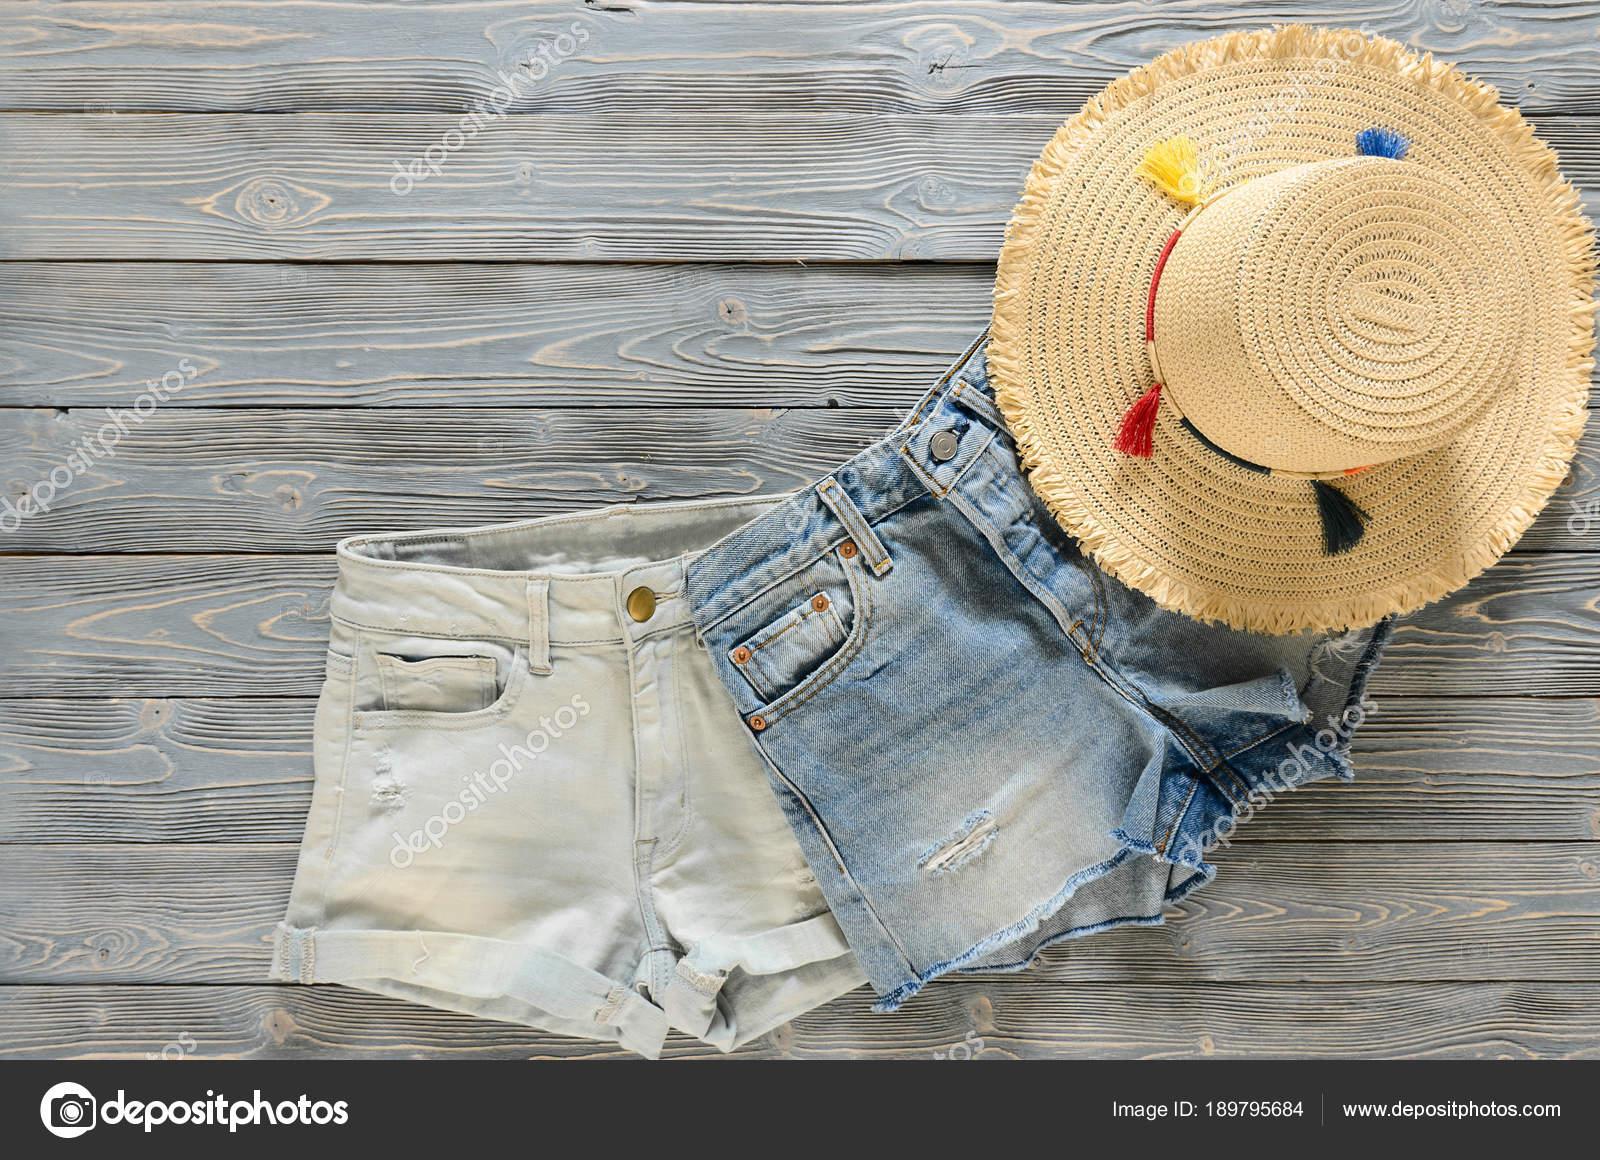 538066b71d35 Para mujer ropa, accesorios (dos pantalones cortos de mezclilla ...